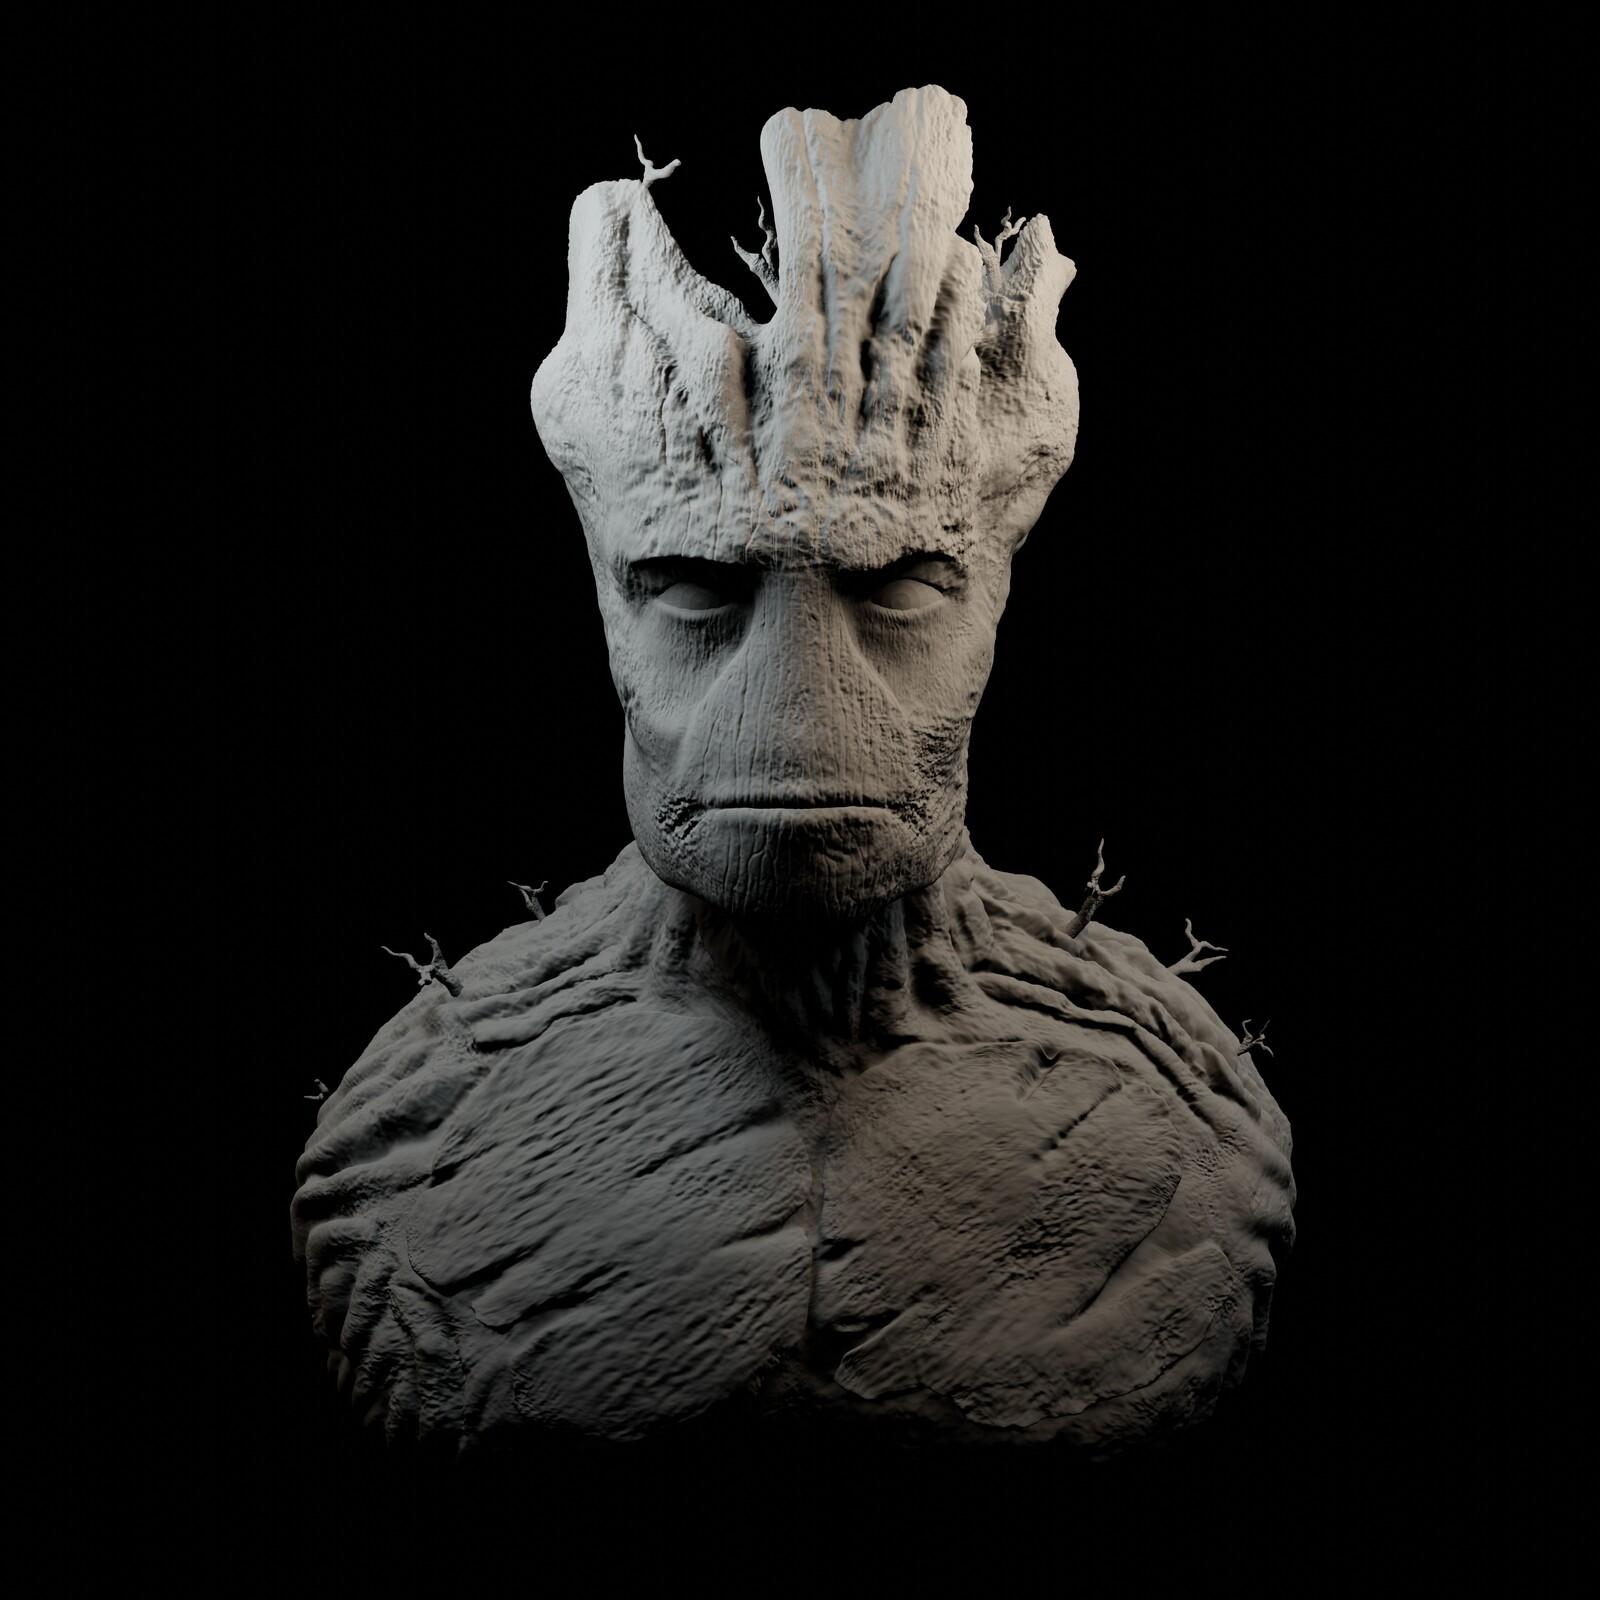 Final sculpt